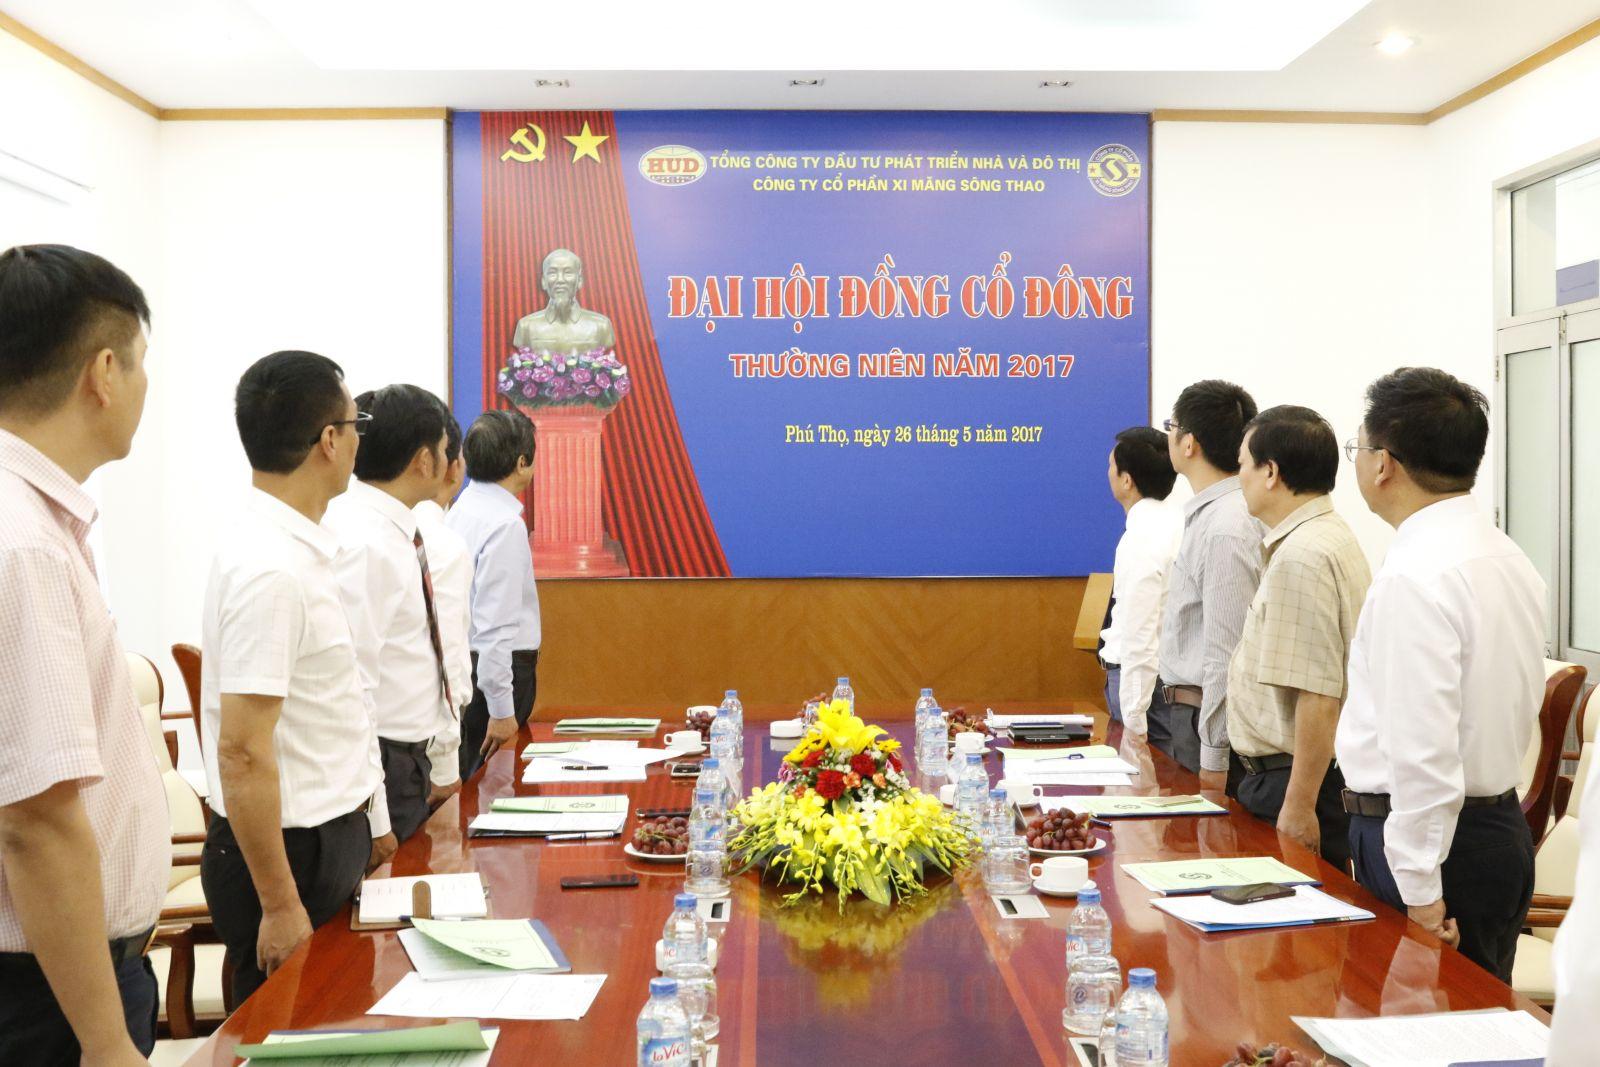 Công ty cổ phần xi măng Sông Thao tổ chức thành công Đại hội đồng cổ đông thường niên năm 2017